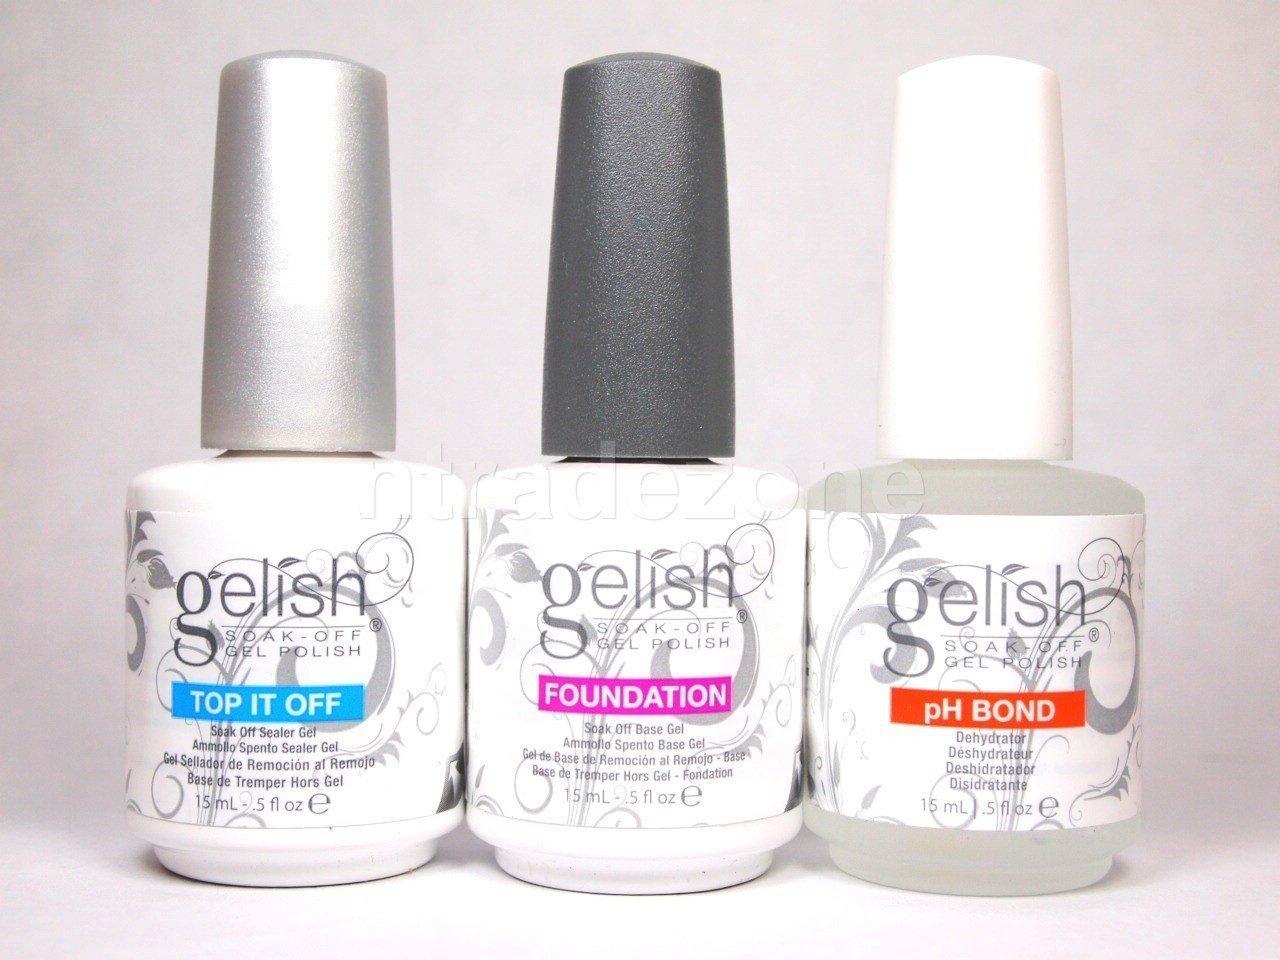 Harmony Gelish - Juego de manicura con base, sellador y pH